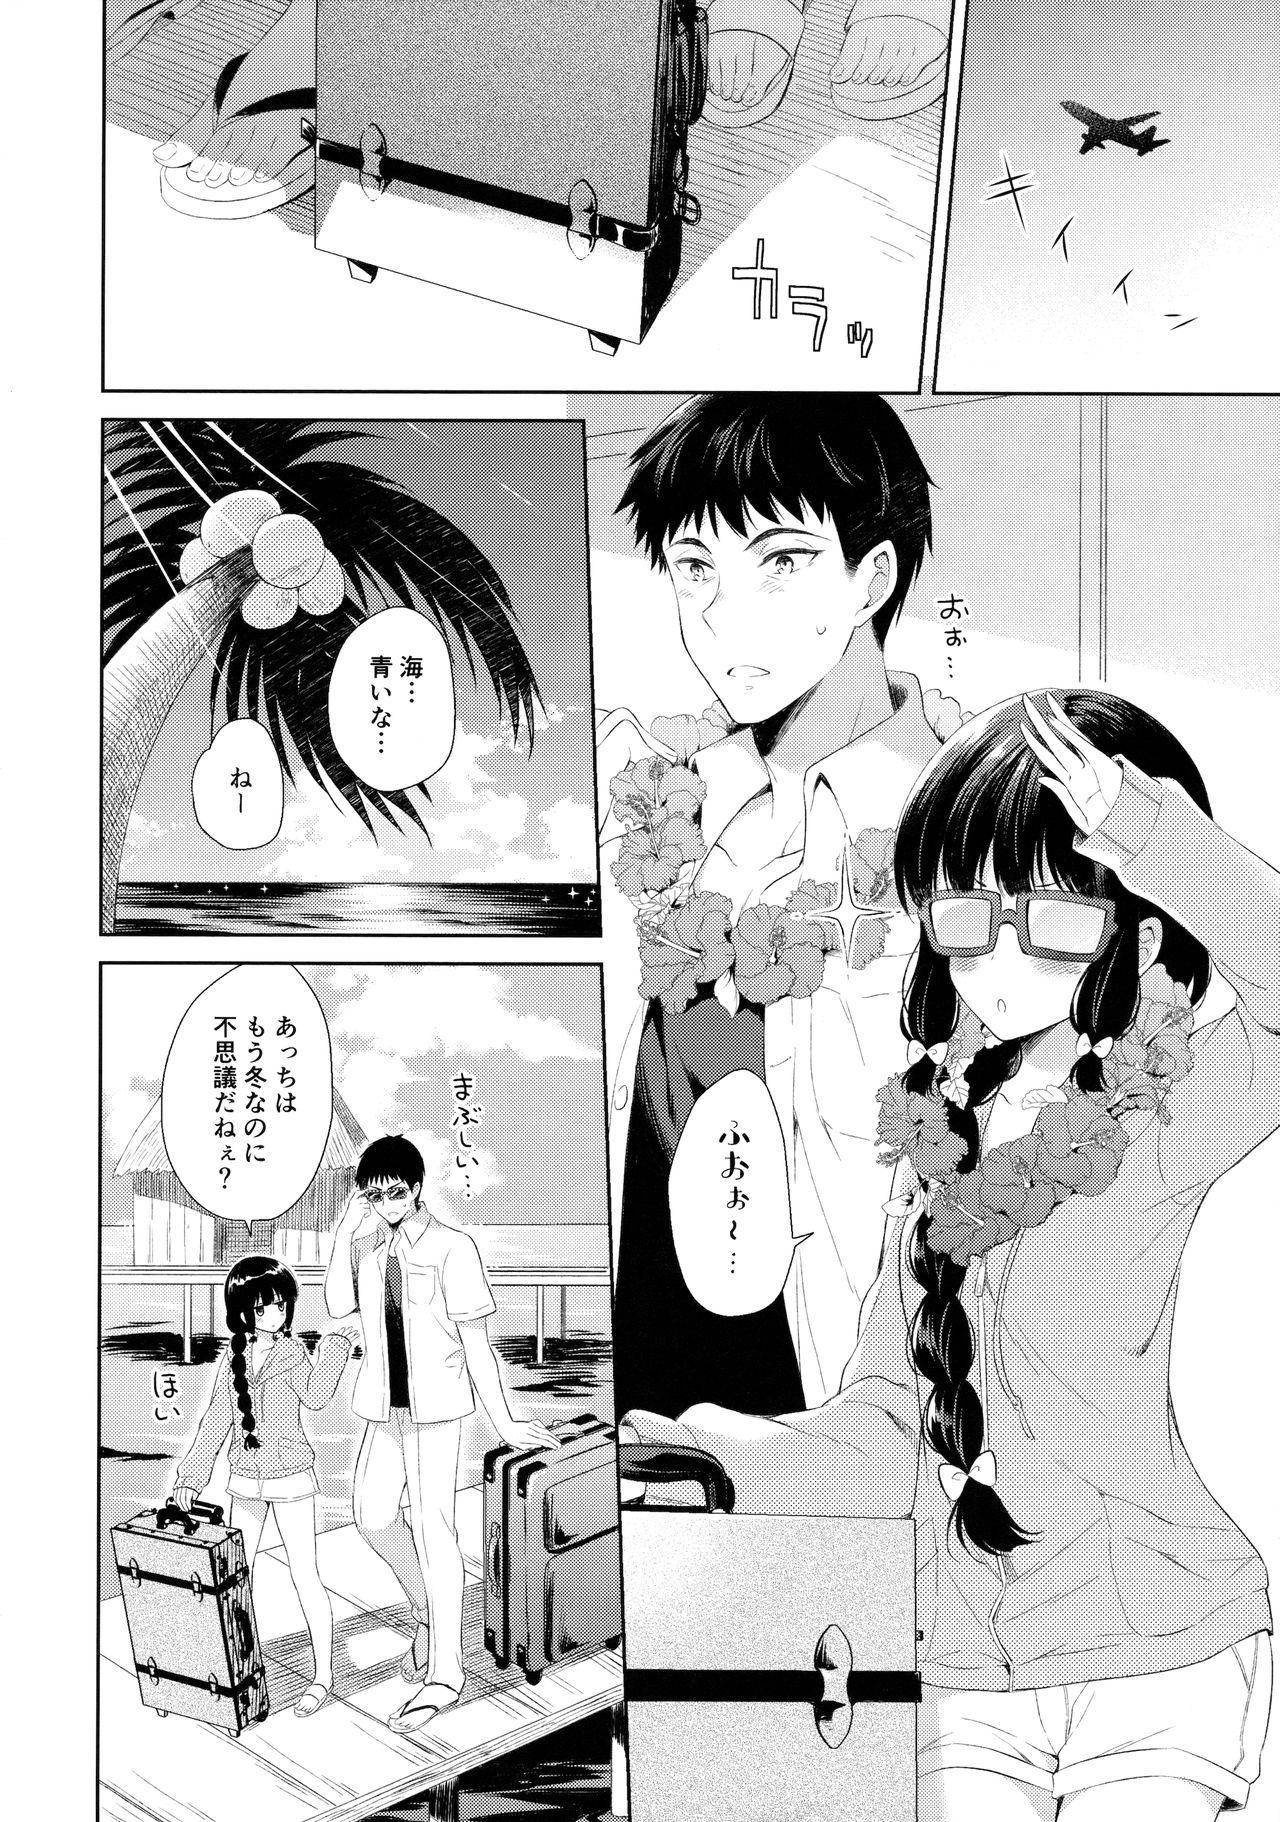 Minami no Shima no Kitakami-san 6